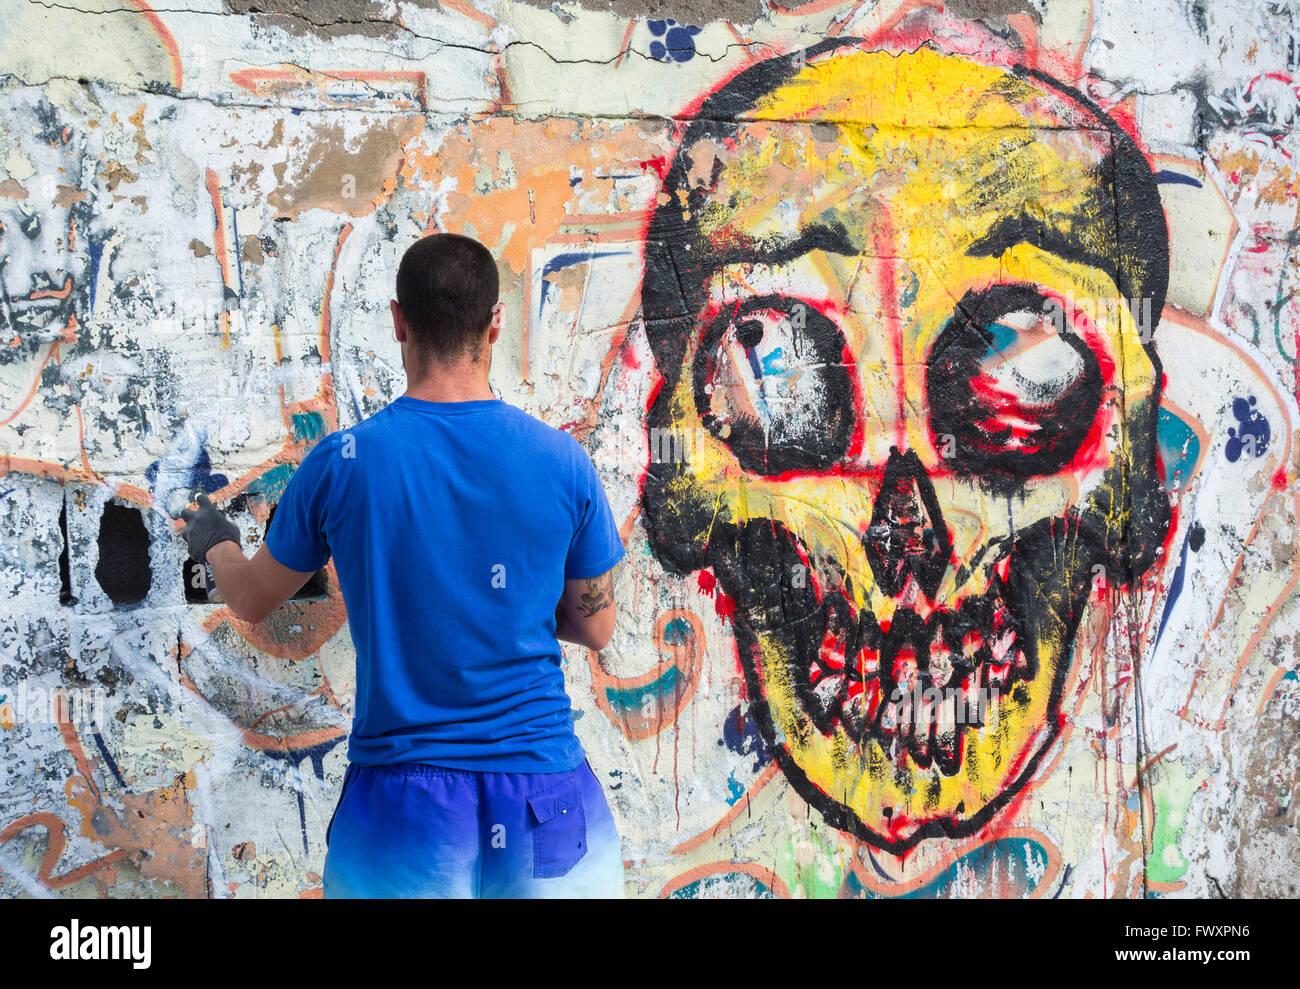 Graffiti artist la spruzzatura su un vecchio graffiti sul muro in Spagna Immagini Stock